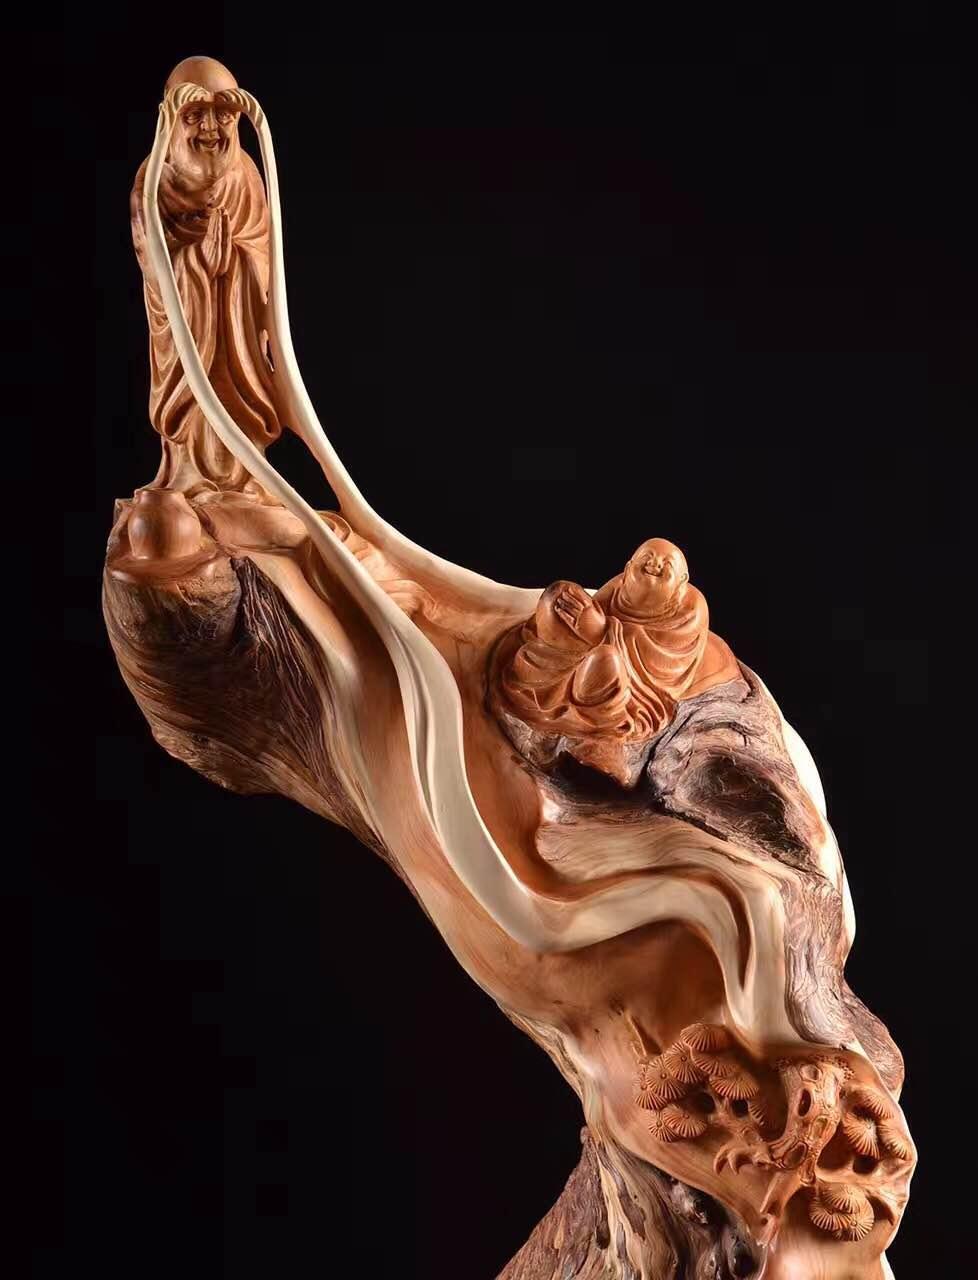 沉香,小叶紫檀,黄花梨 崖柏手串,摆件,把件等工艺品以及明式红木茶盘.